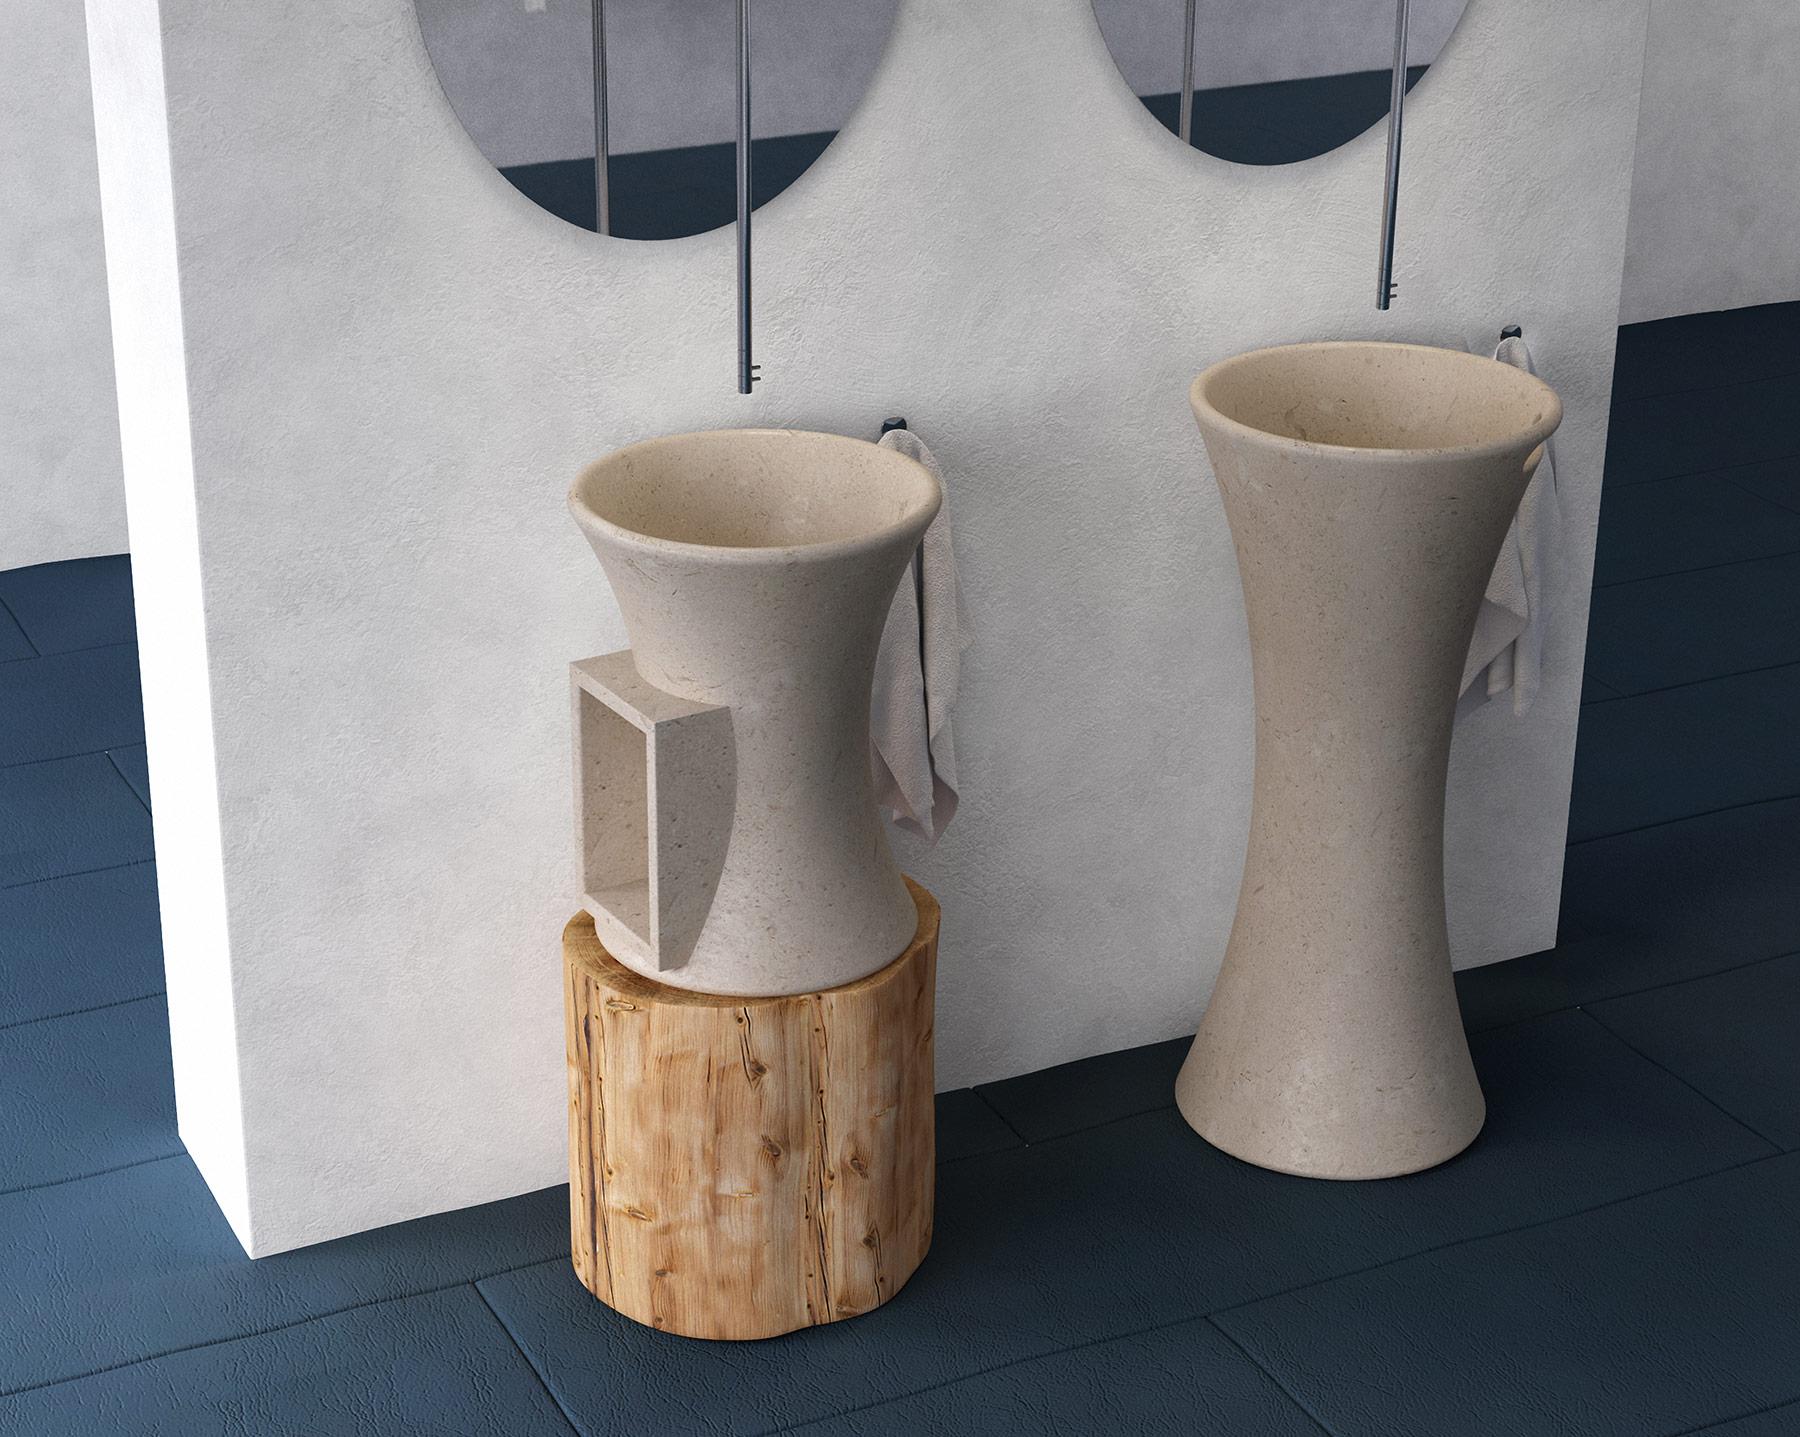 Contemporary Tina Countertop Washbasin